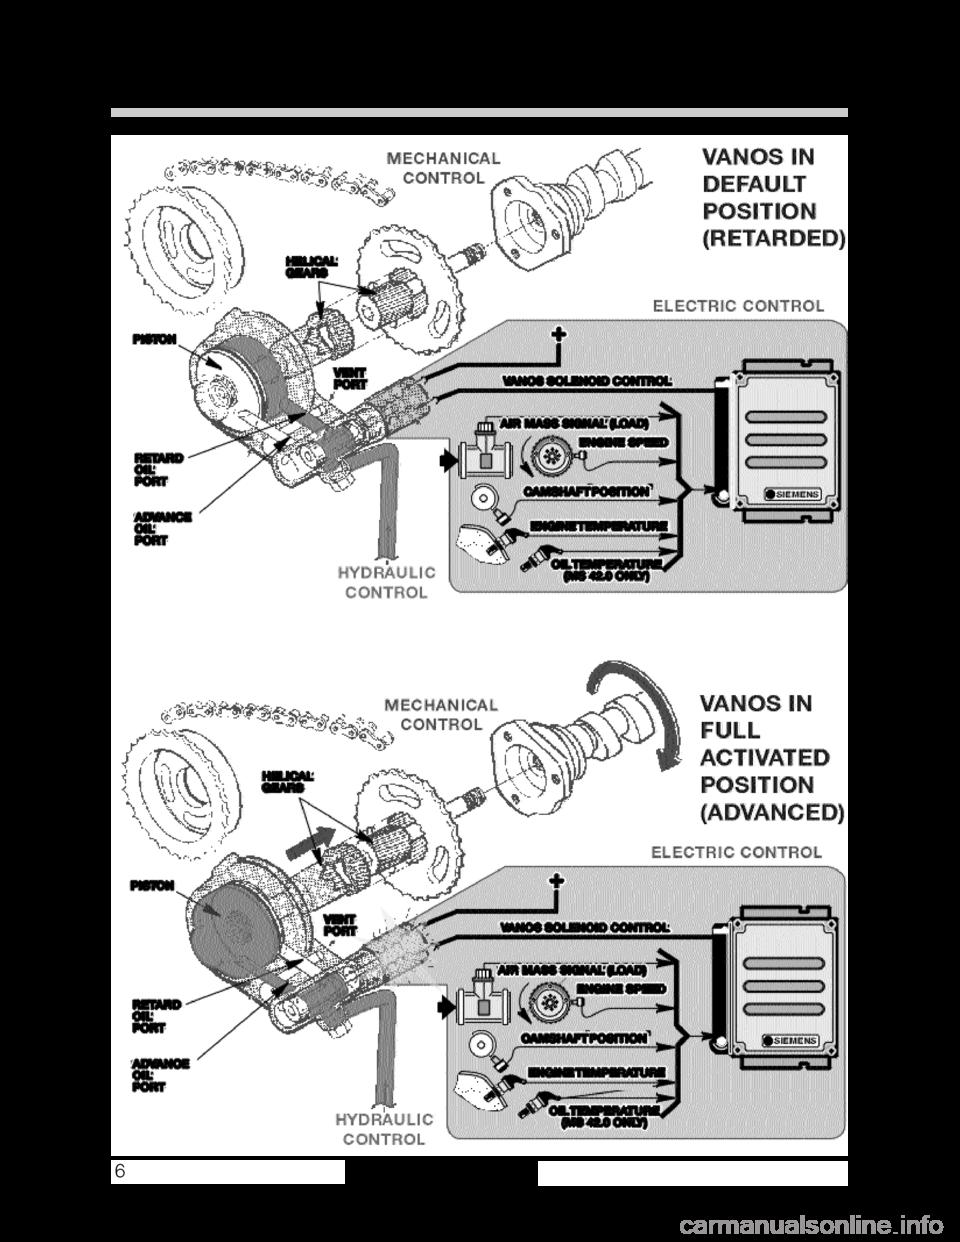 bmw x5 2001 e53 m62tu engine workshop manual